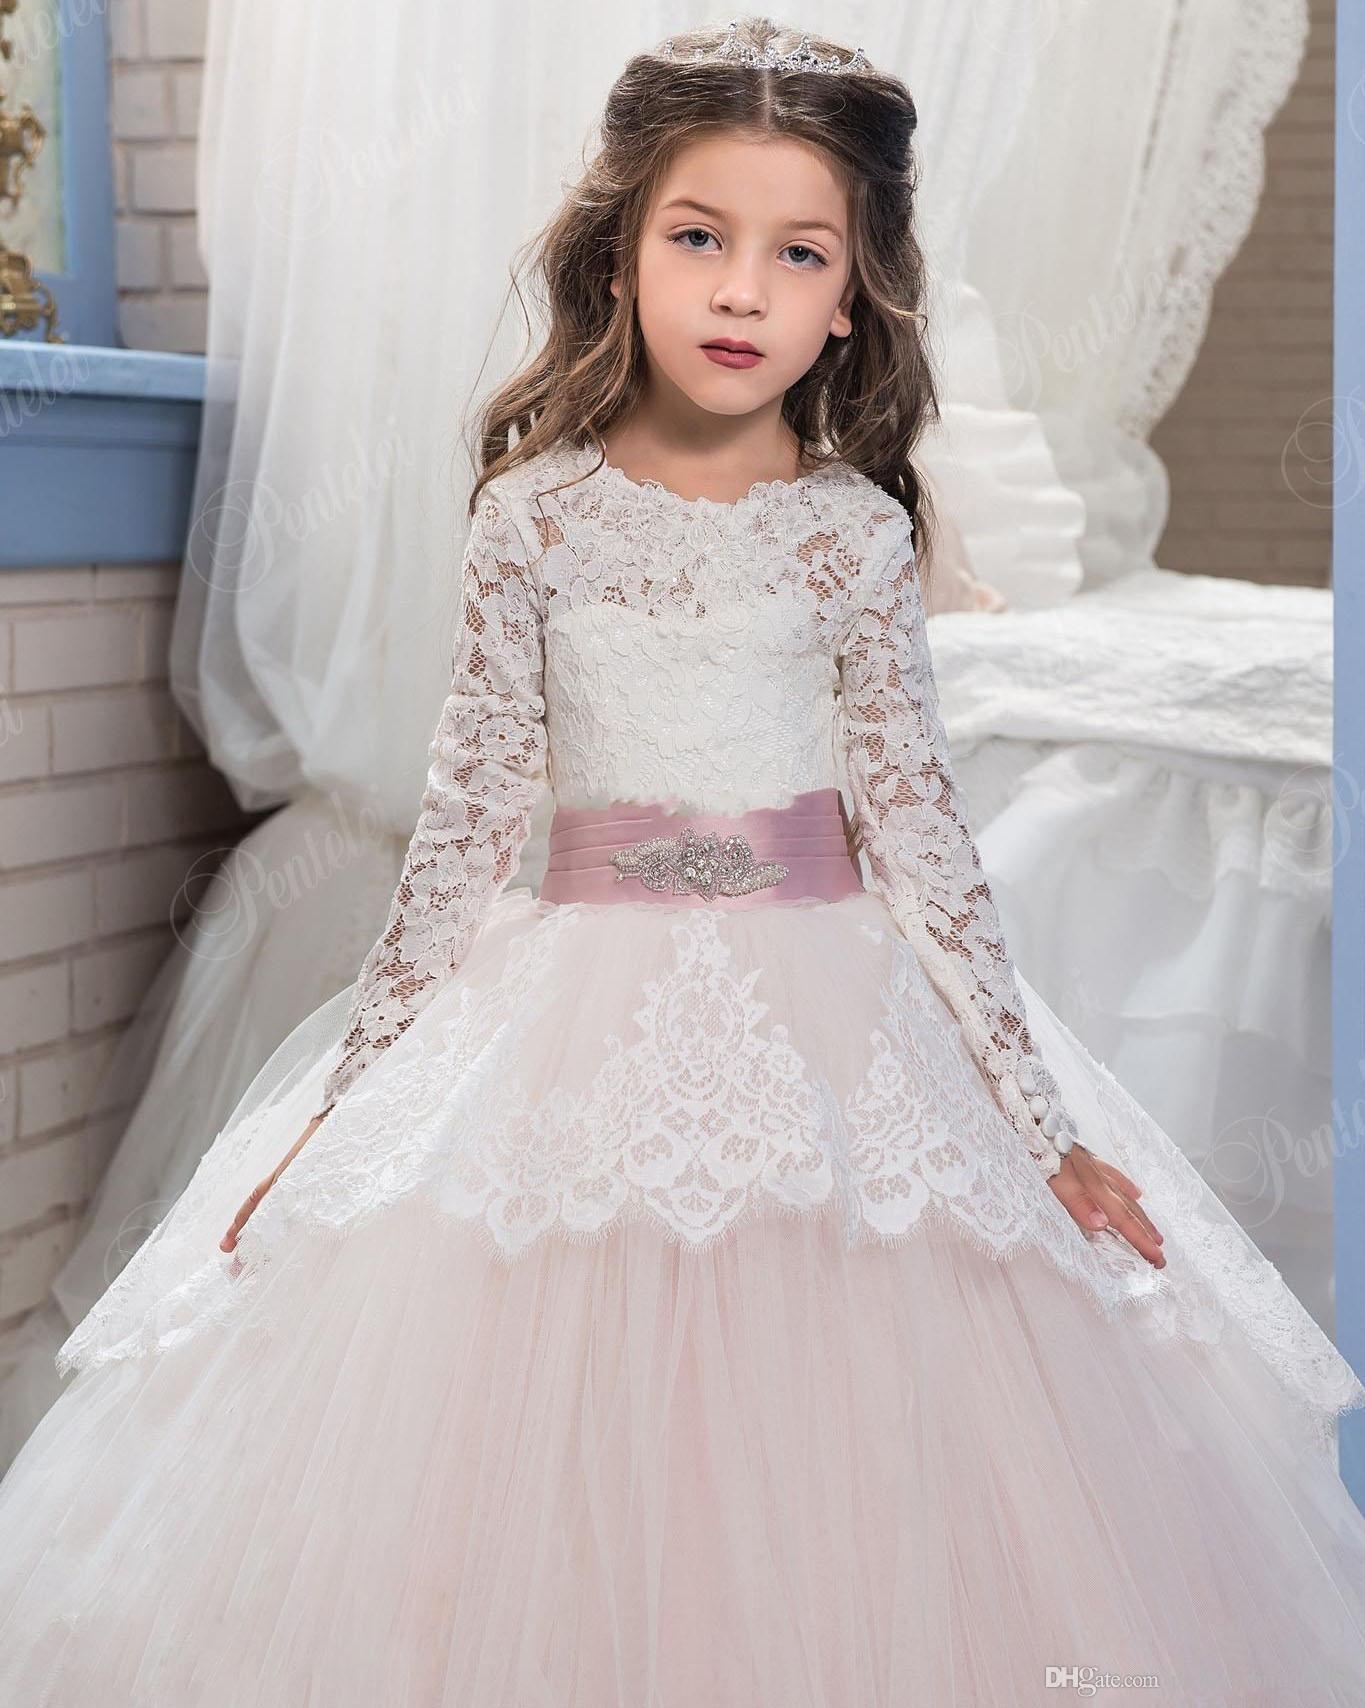 Compre 2017 Vestidos De Niña De Las Flores De Encaje Para Bodas Se Ruborizan Rosa Mangas Largas Vestido De Bola Princesa Primera Comunión Vestido